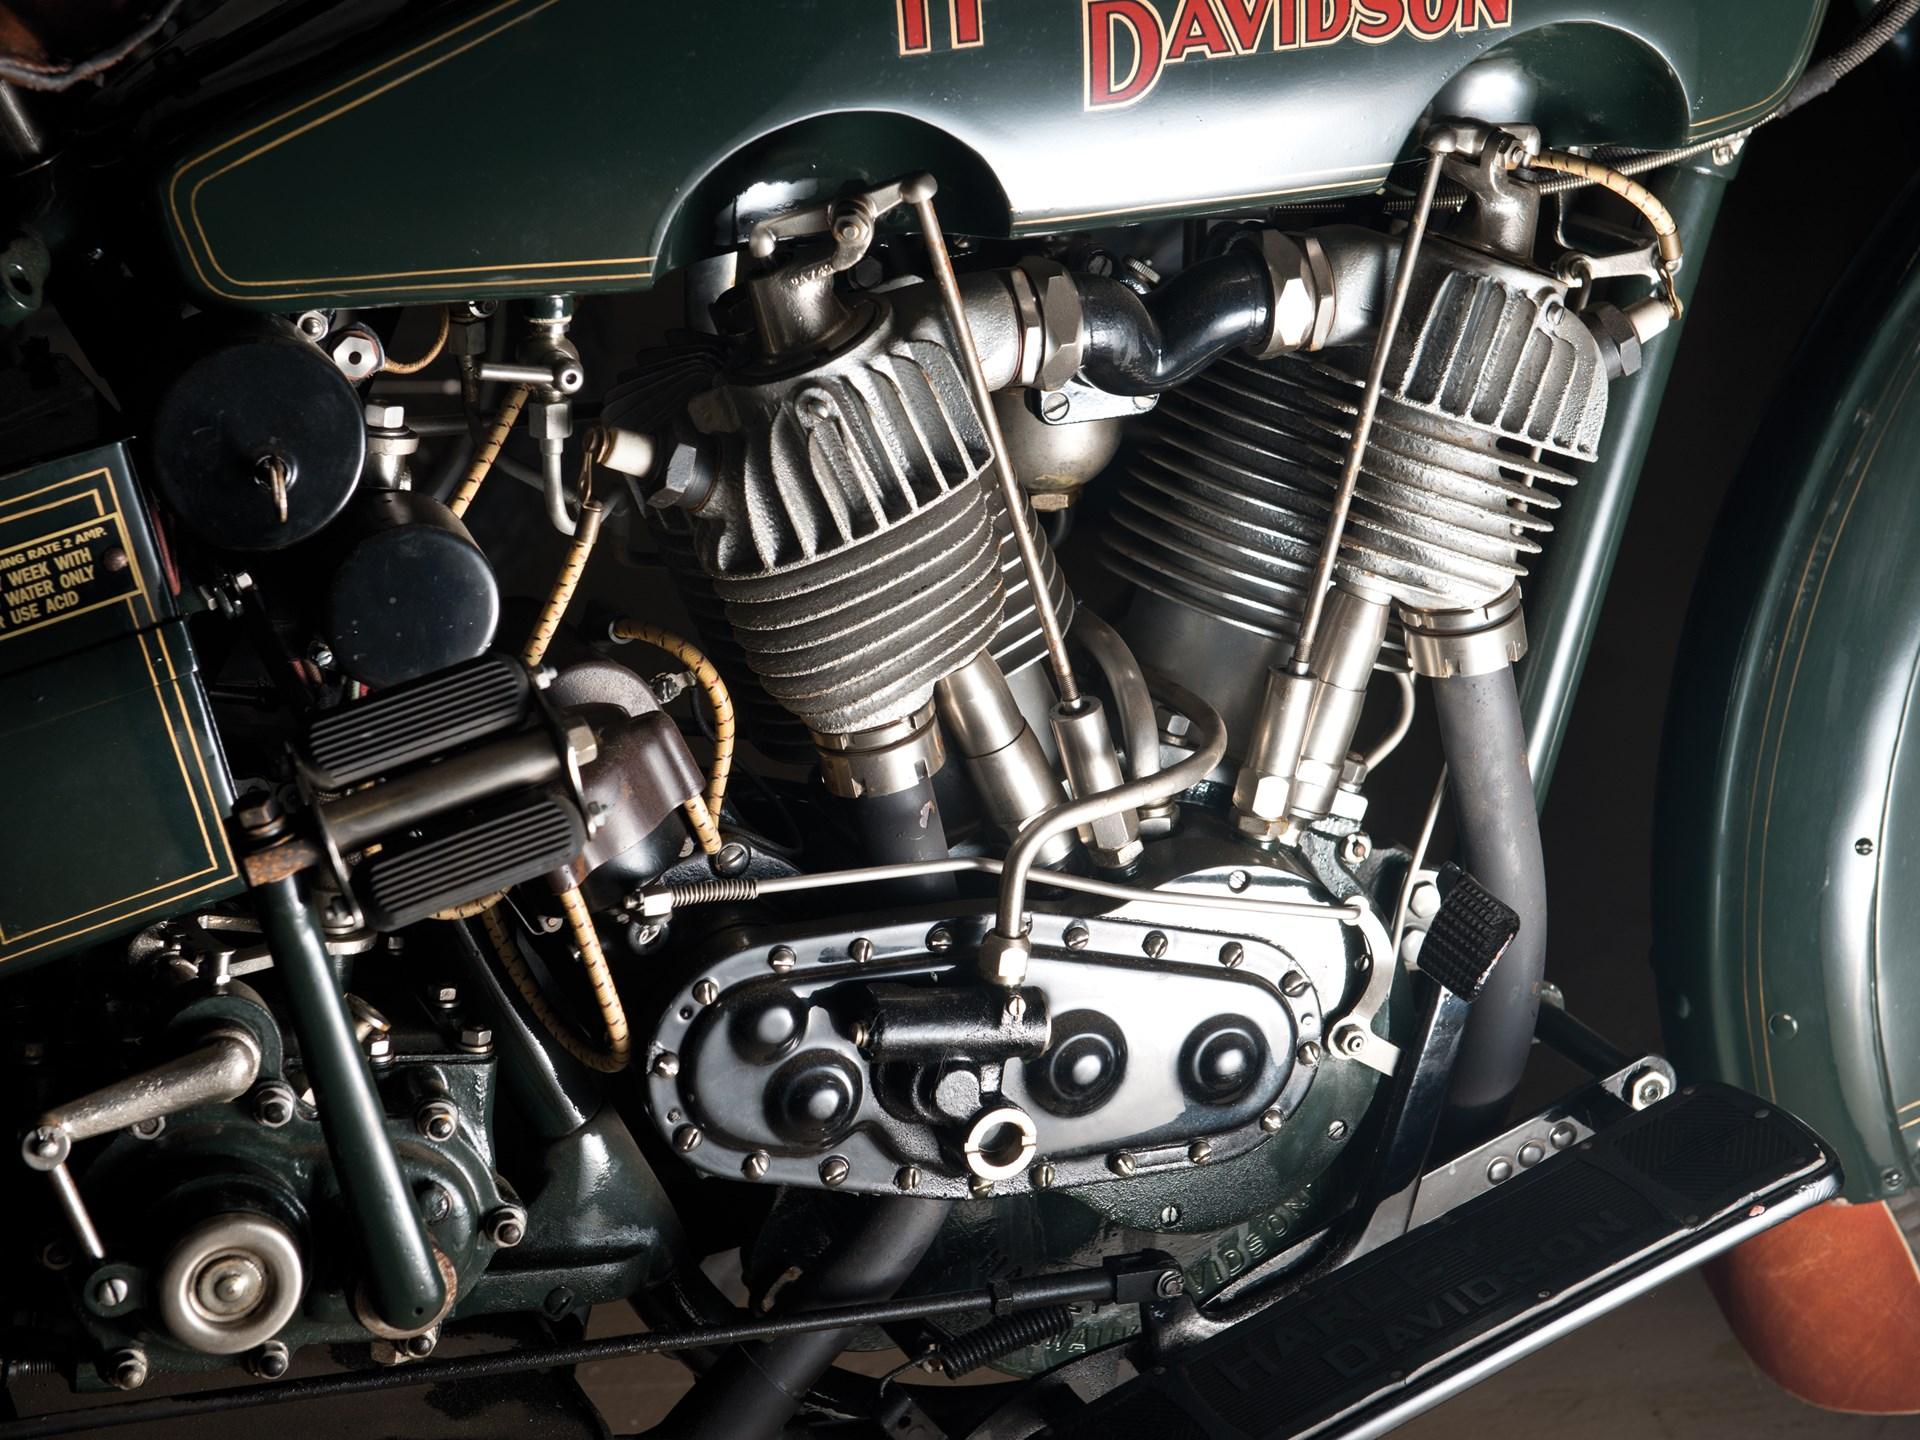 RM Sotheby's - 1922 Harley-Davidson JD | St. John's 2013 on